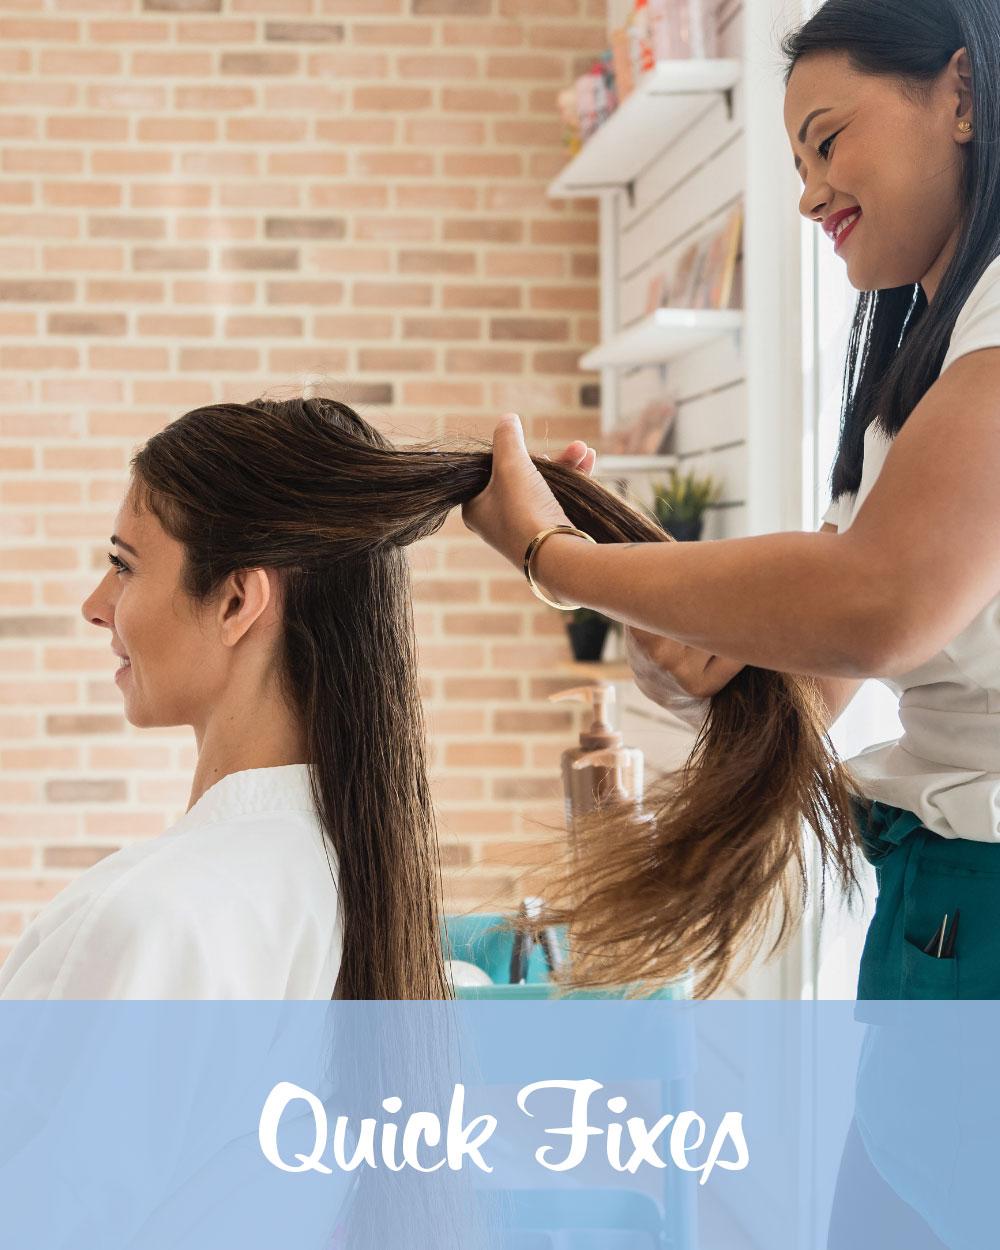 Treatments - Quick Fixes